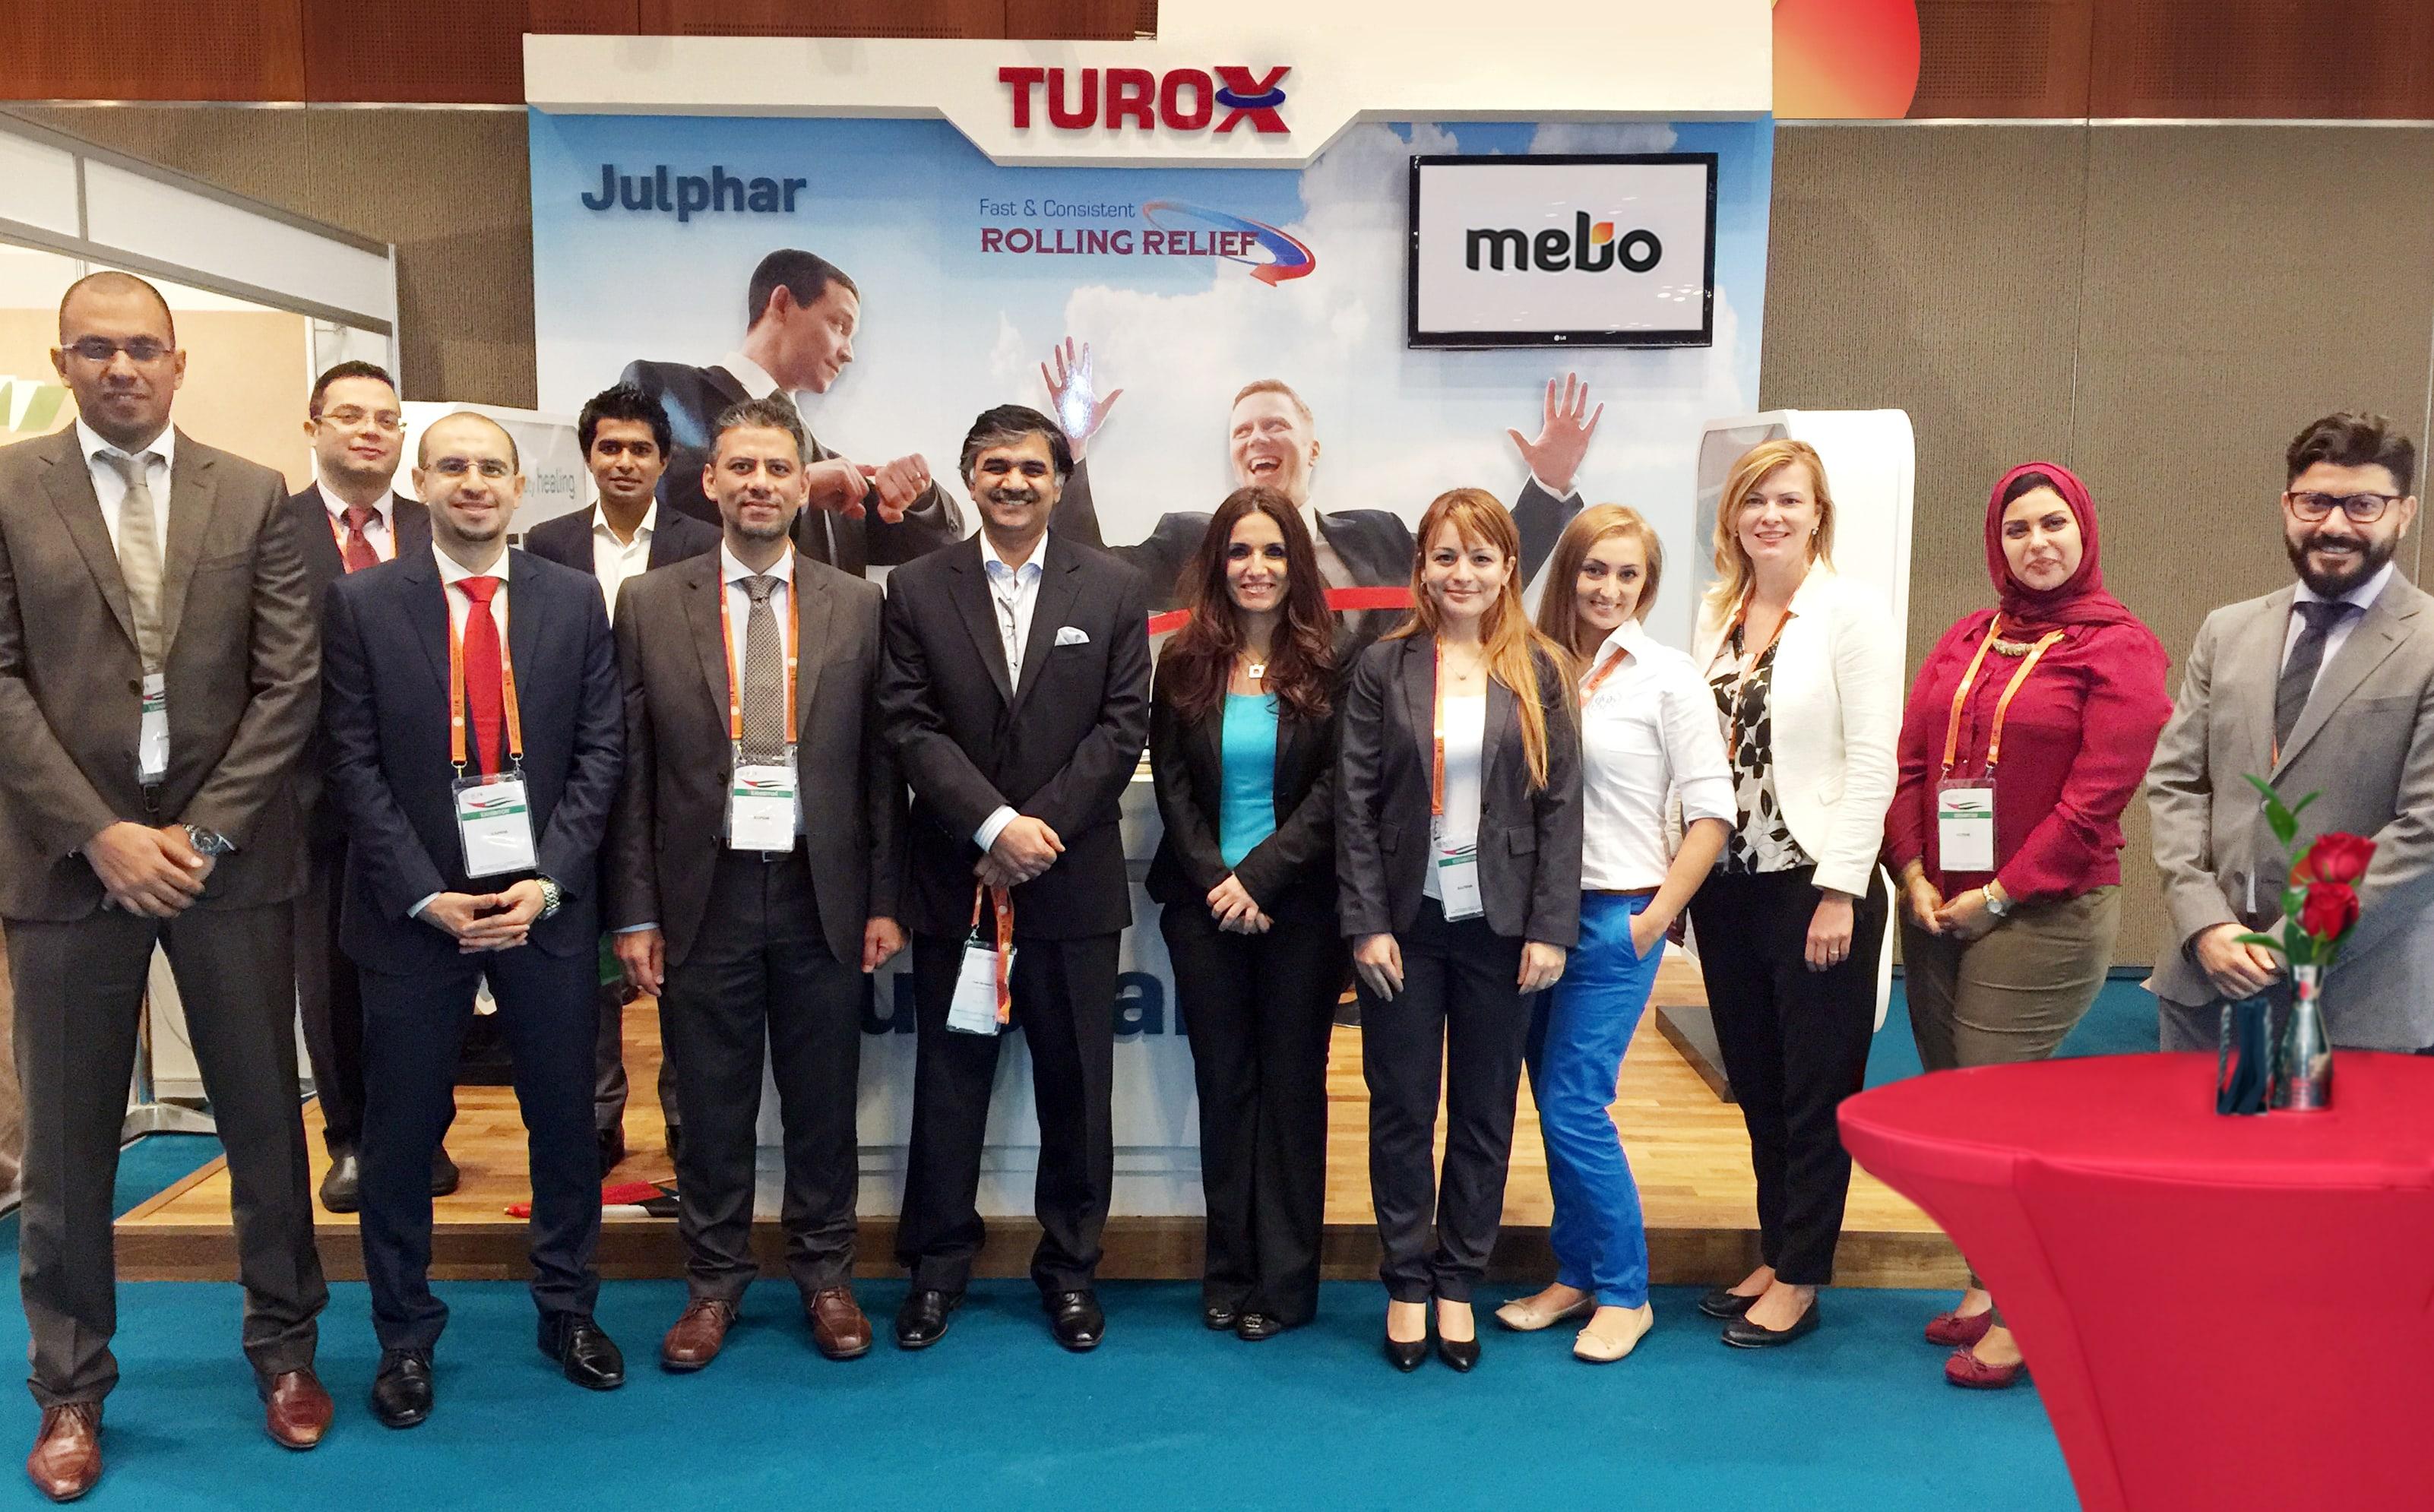 Julphar sponsors ICJR Middle East 2016